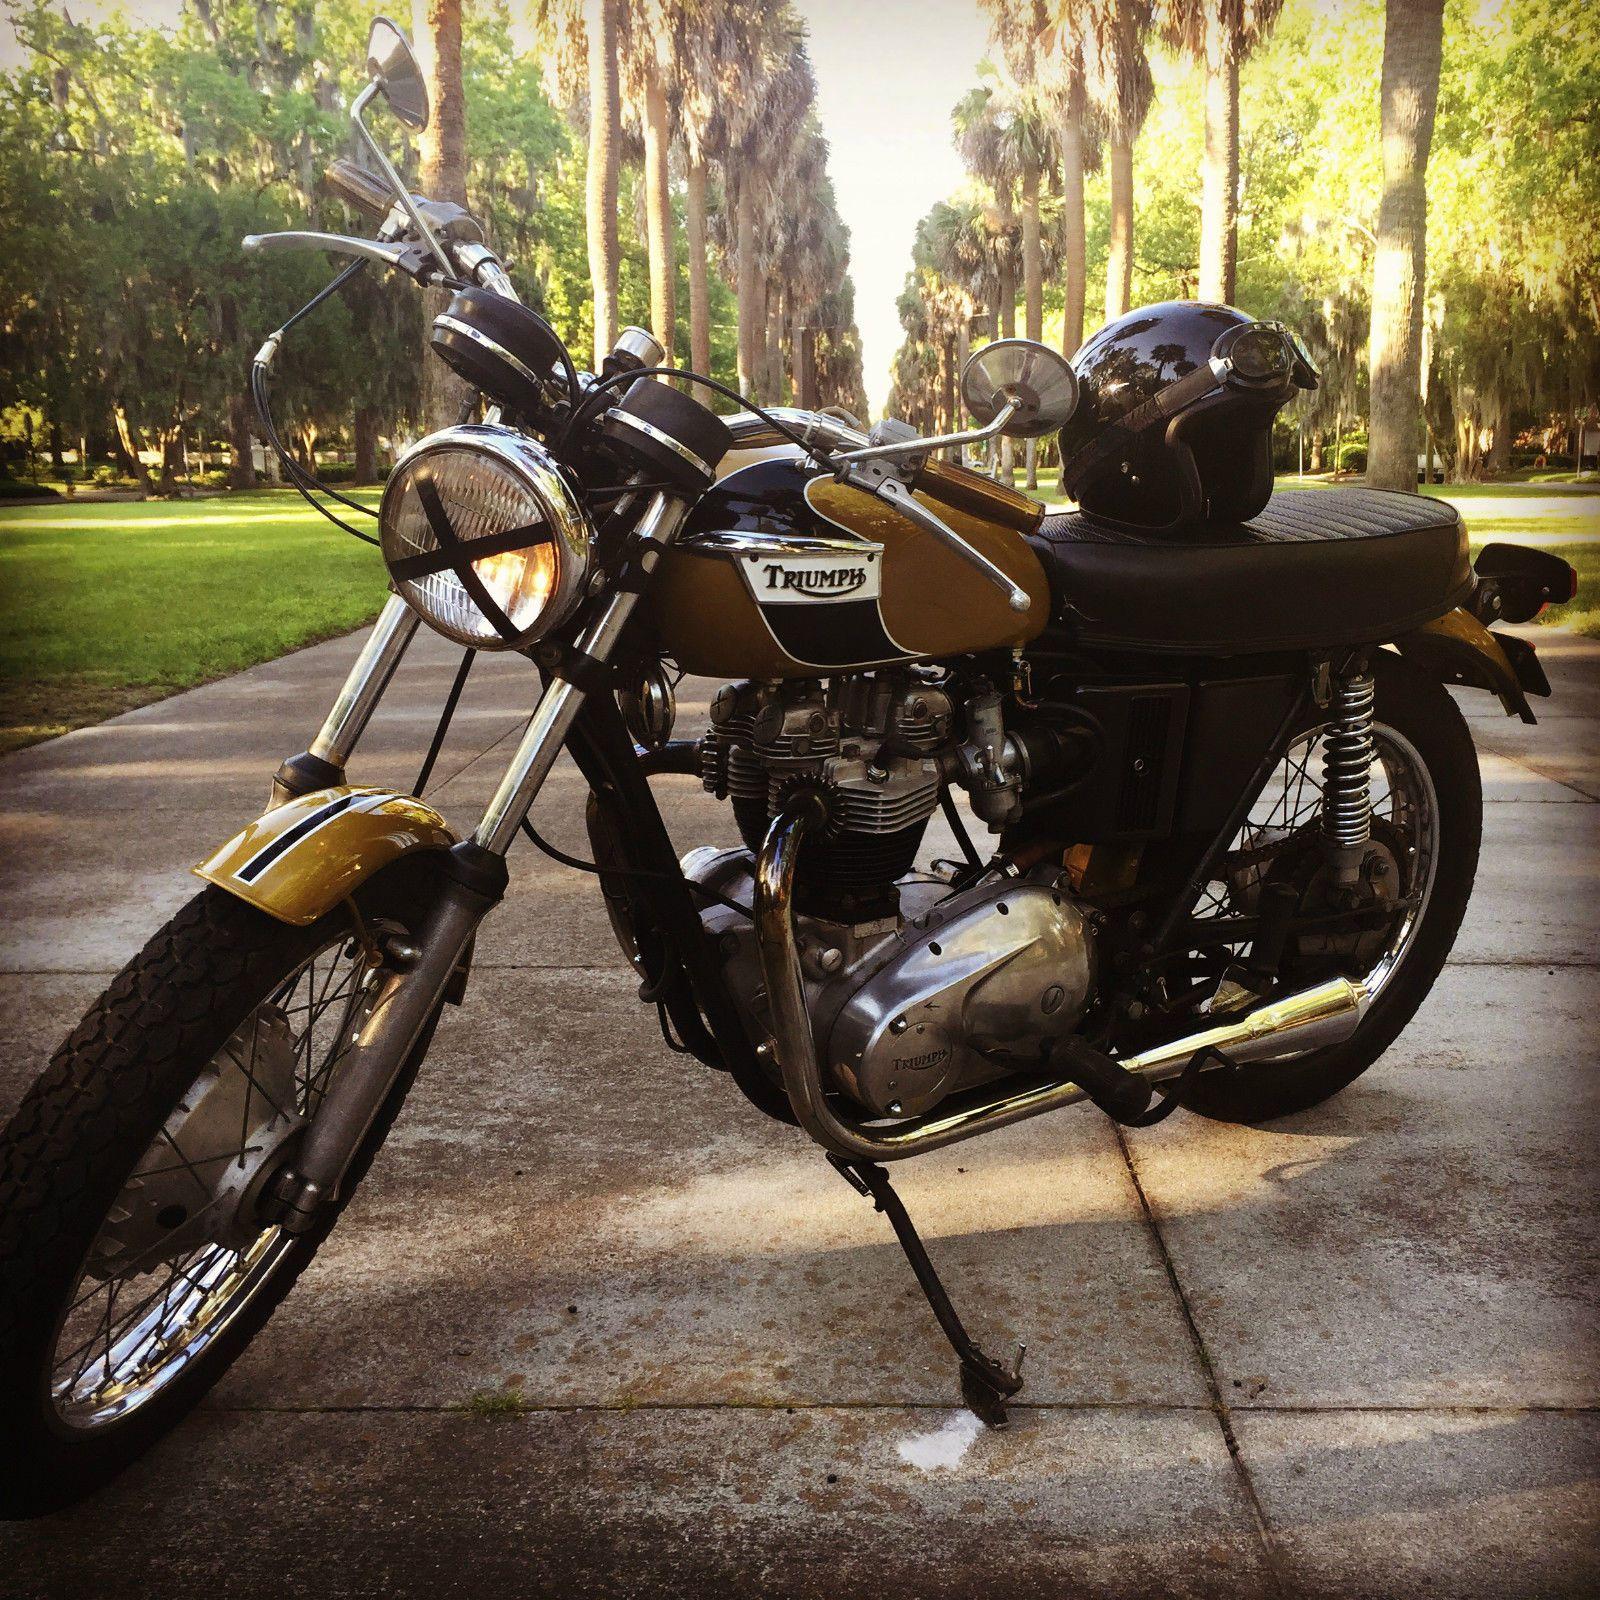 1971-triumph-bonneville-triumph-motorcycles-for-sale-2015-04-25-1  Triumph T R Wiring Diagram on 1971 triumph t100r, 1971 triumph tr6c, 1971 triumph tr6r, 1971 triumph t100c,